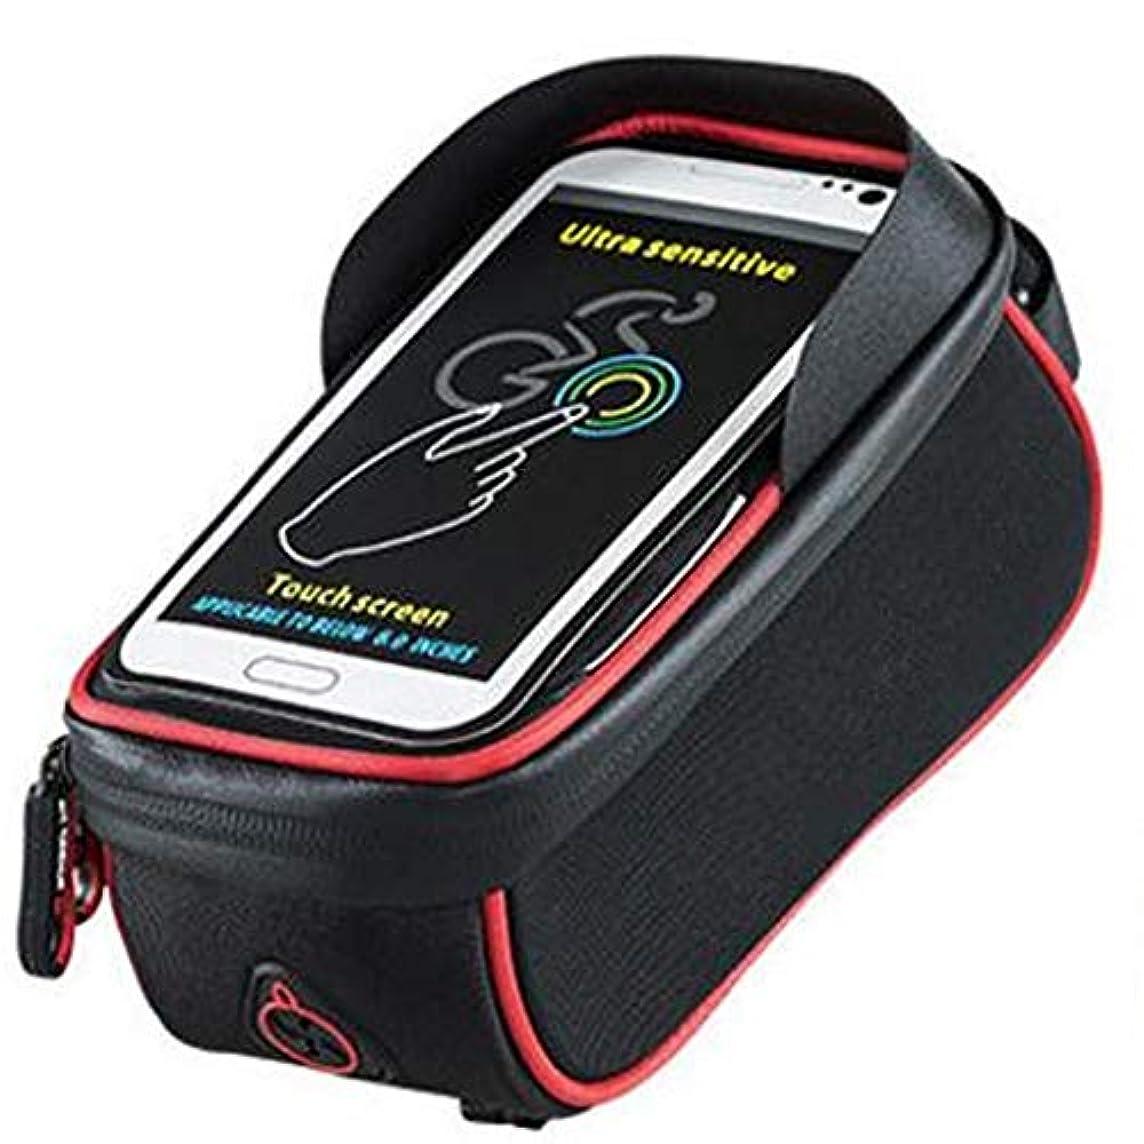 変形存在ヘルシー自転車 フロントバッグ 自転車バッグ防水フロントビームバッグ 多機能 サイクルバッグ (色 : 赤)